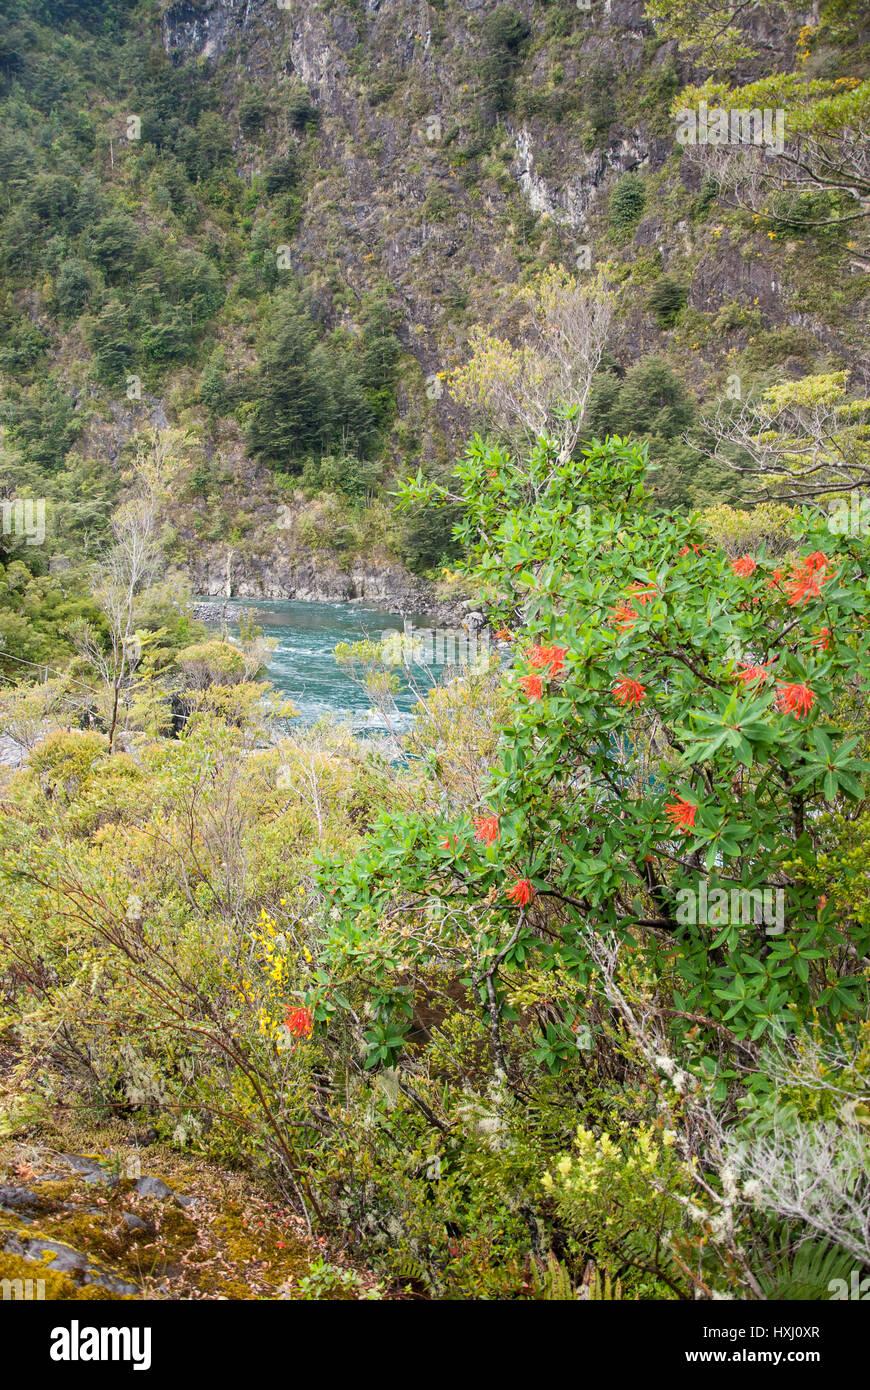 Vicente Prez Rosales Nationalpark befindet sich in Los Lagos Region, Provinz Llanquihue, Chile. Der westliche Eingang Stockbild